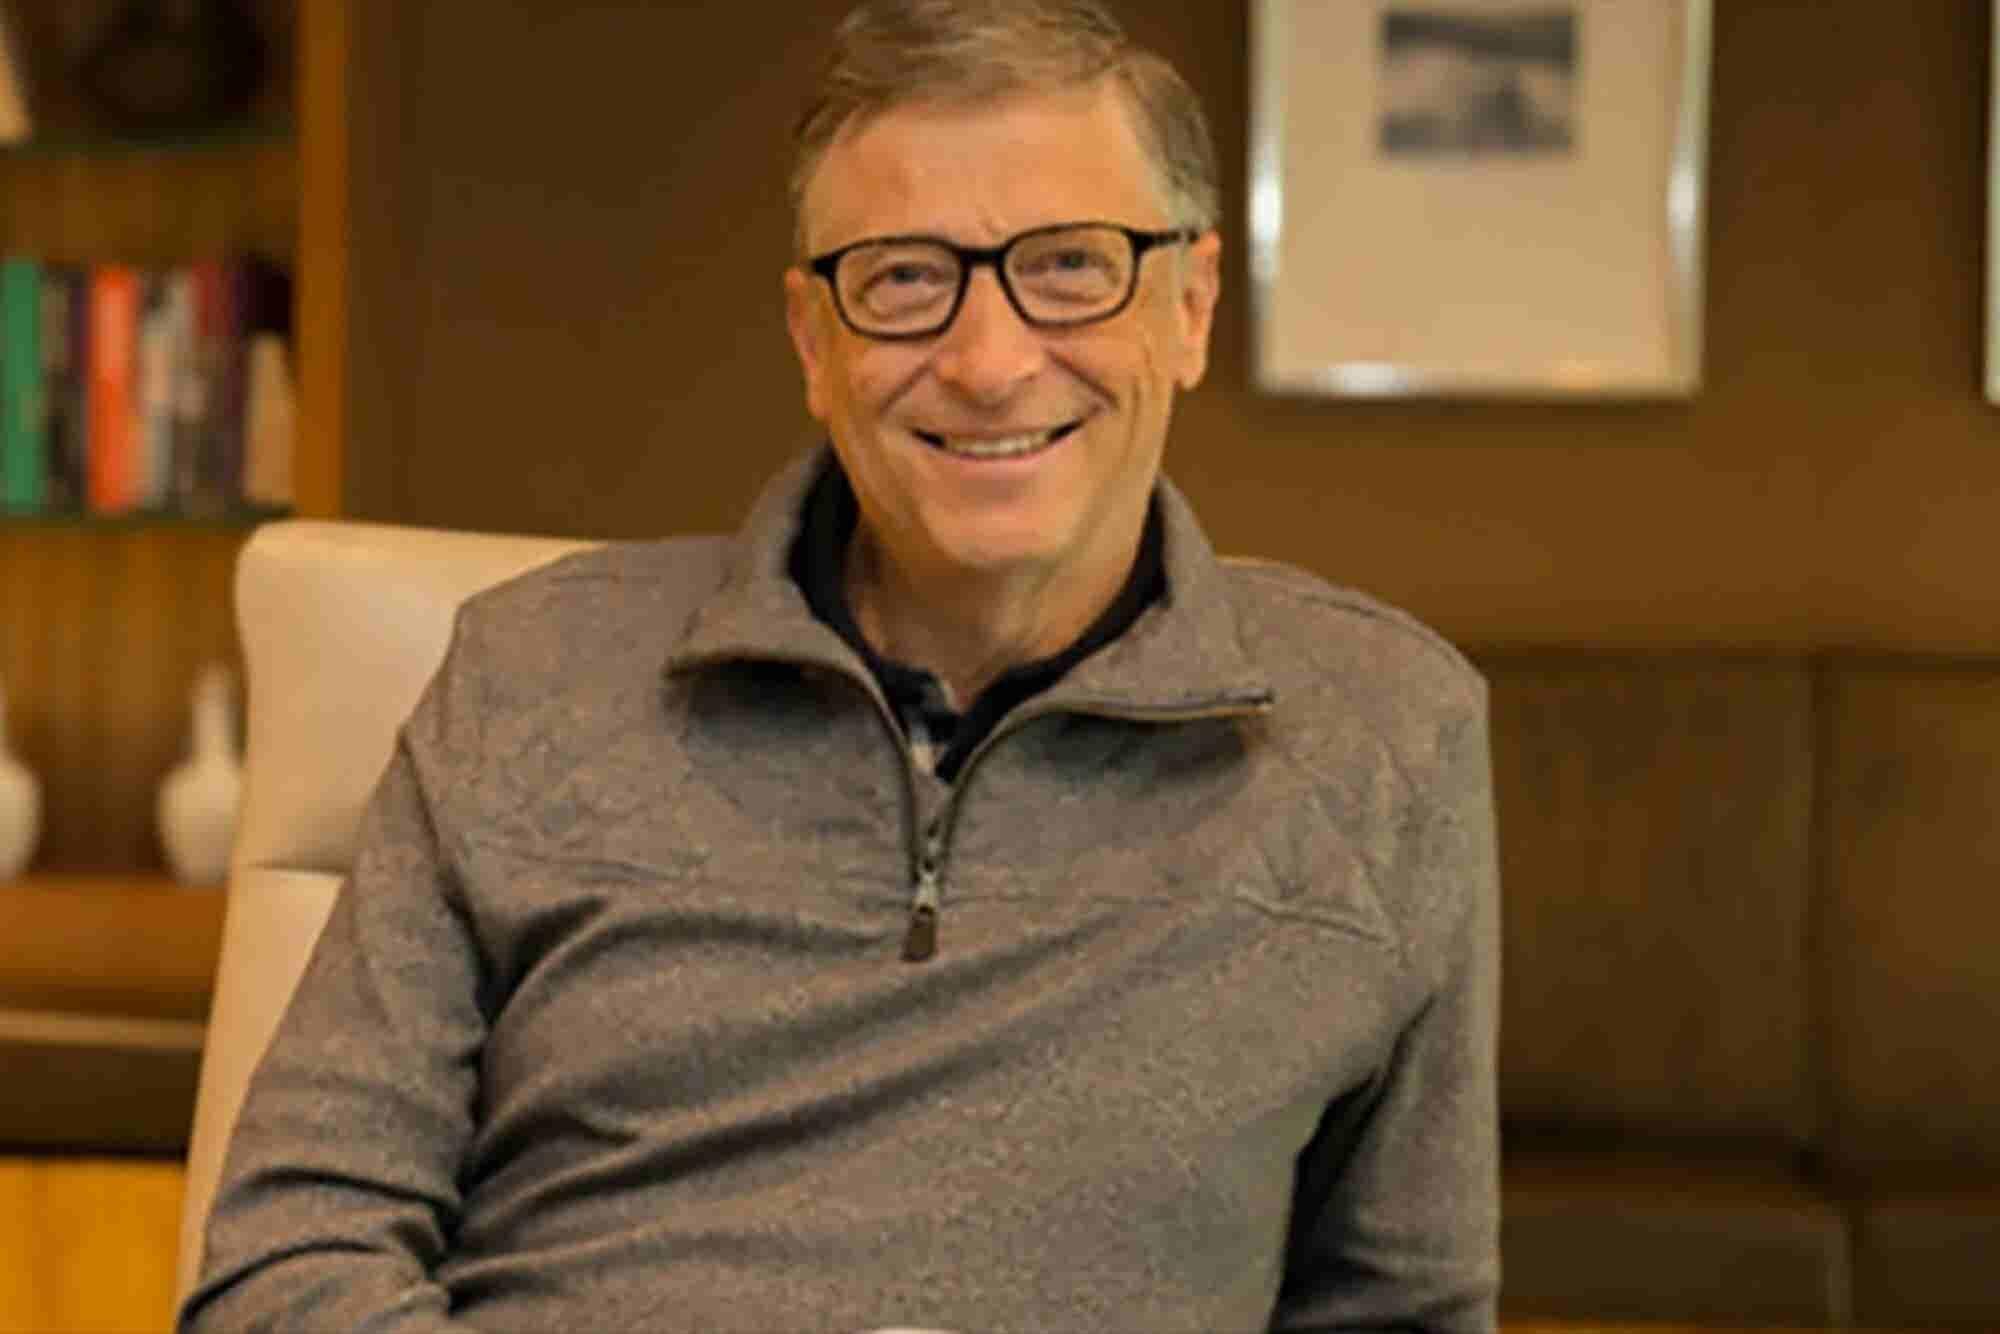 7 cosas que dijo Bill Gates en Reddit